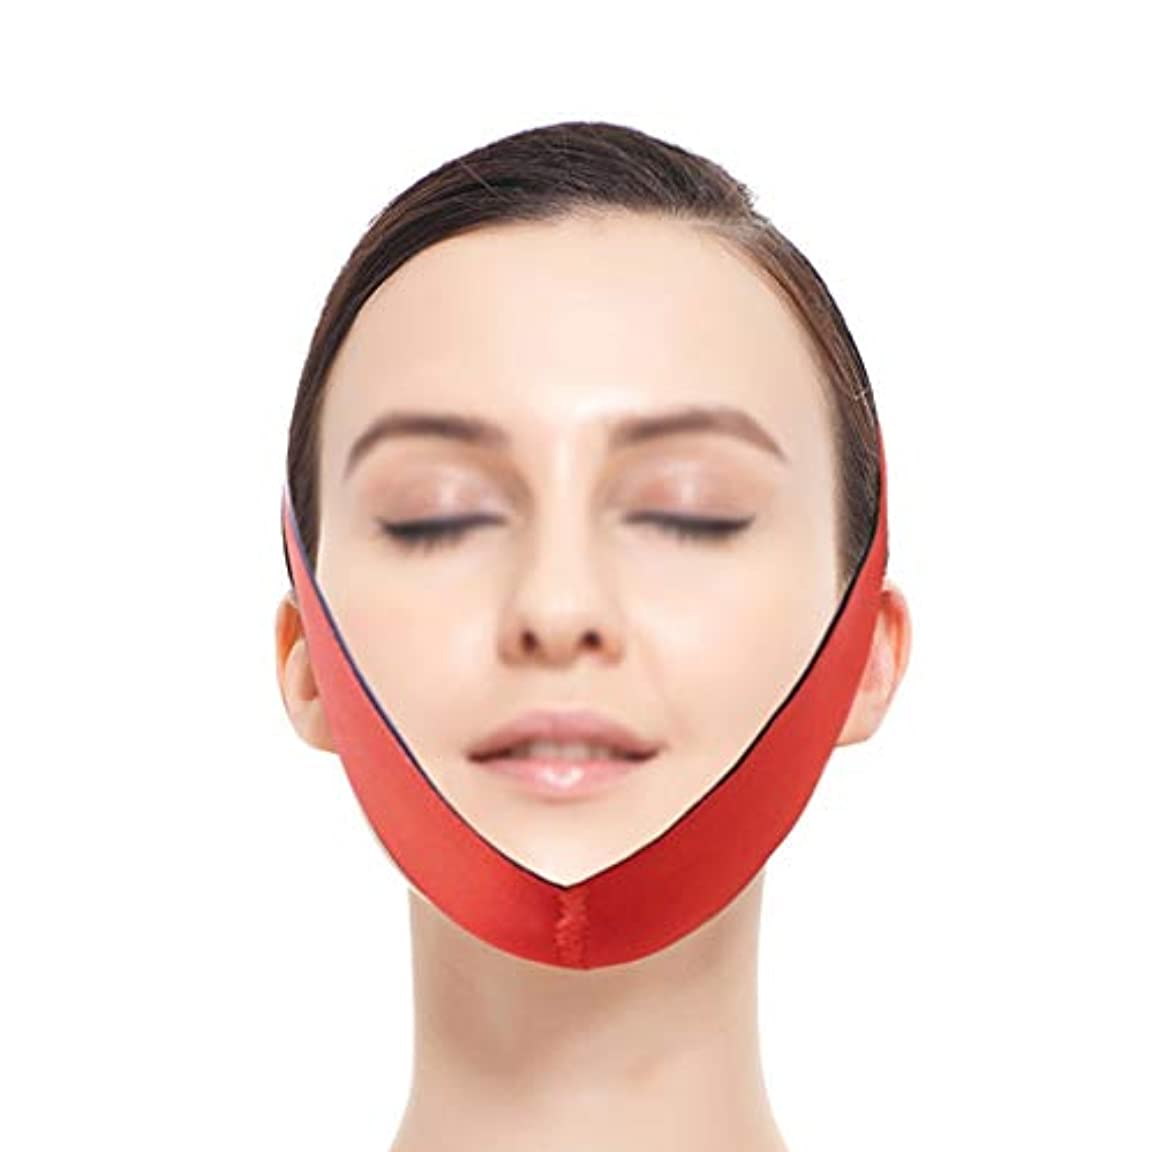 経済的限りなくバイナリXHLMRMJ フェイスリフティングマスク、Vフェイスリフティングおよび締め付け、二重あご減量包帯、フェイシャルリフティングフェイスバンド(すべてのコード)